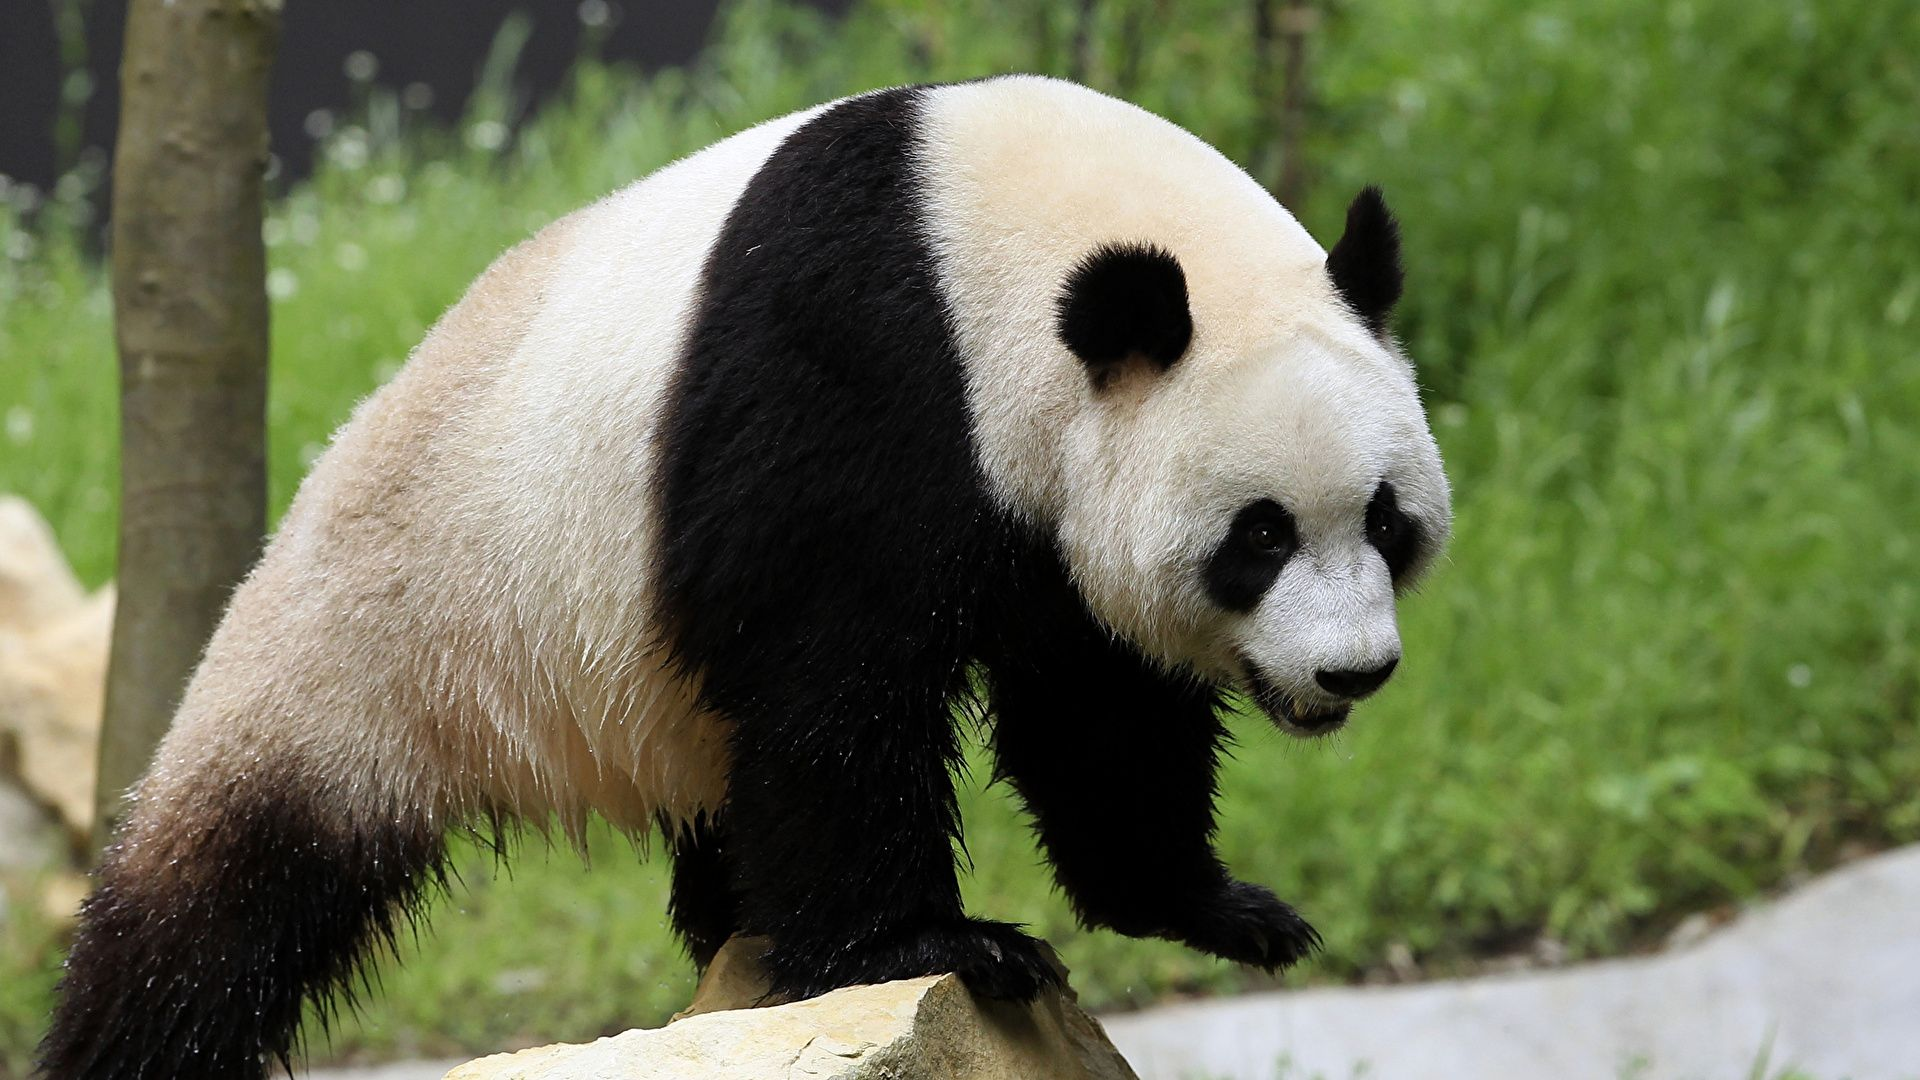 Panda Bear Photo